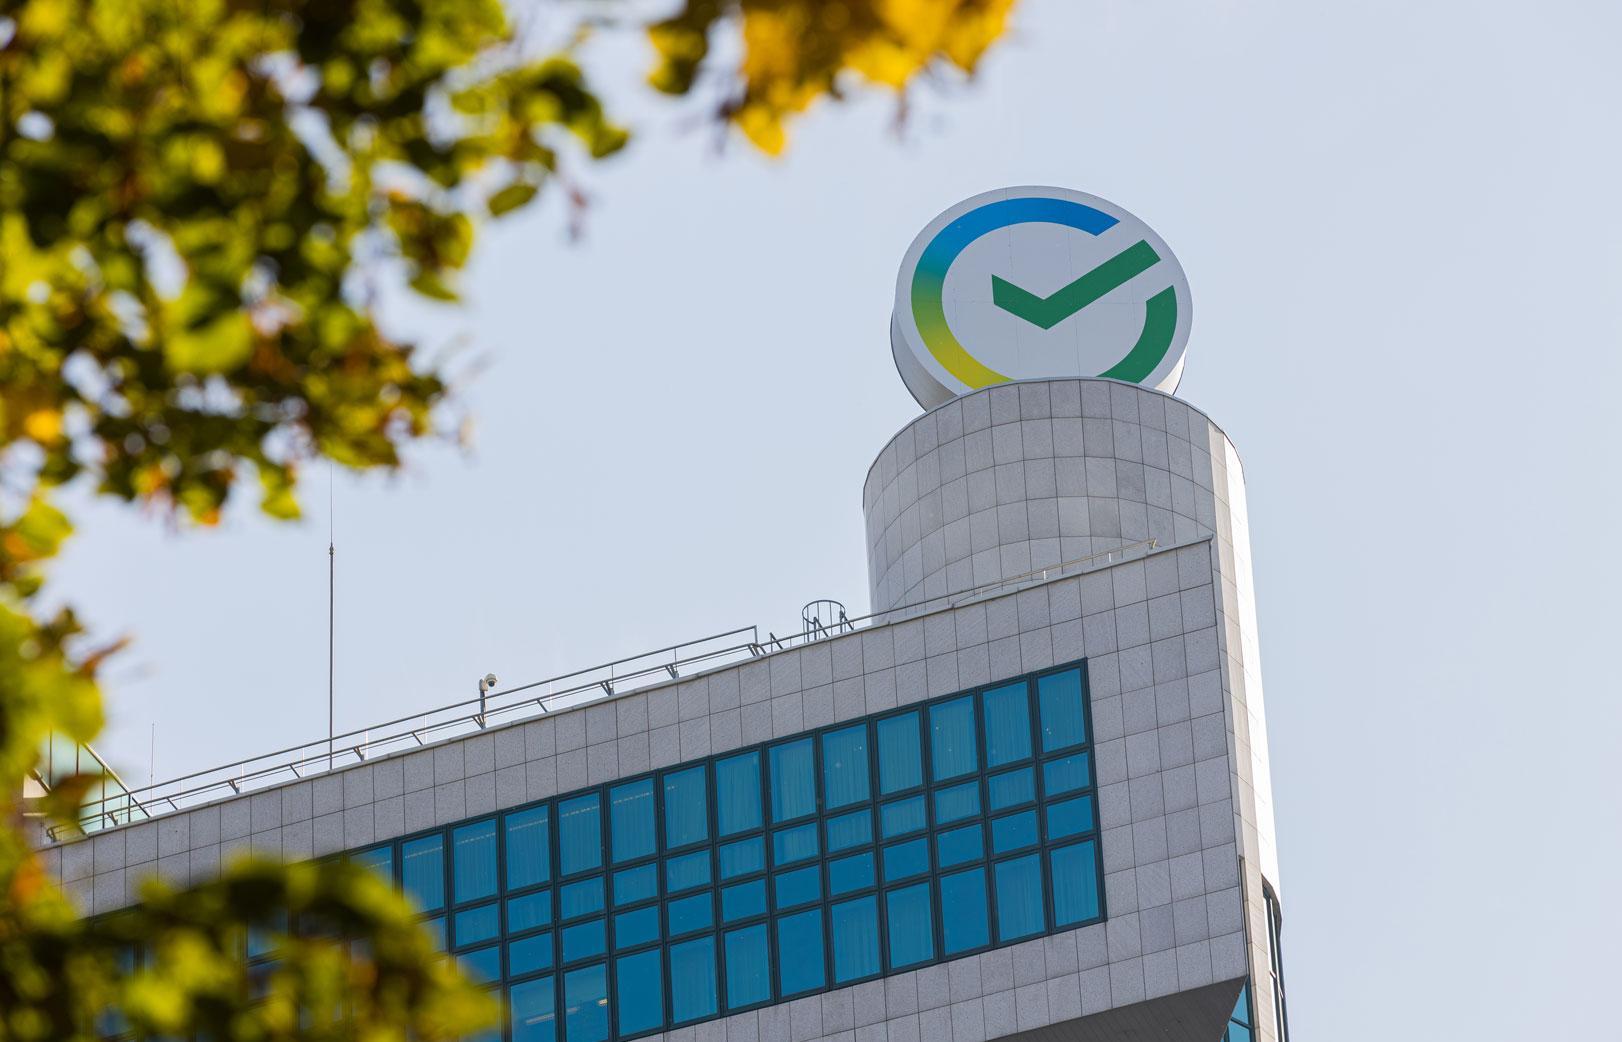 Сбербанк увеличил максимальную сумму рефинансирования до 30 млн рублей - новости Афанасий